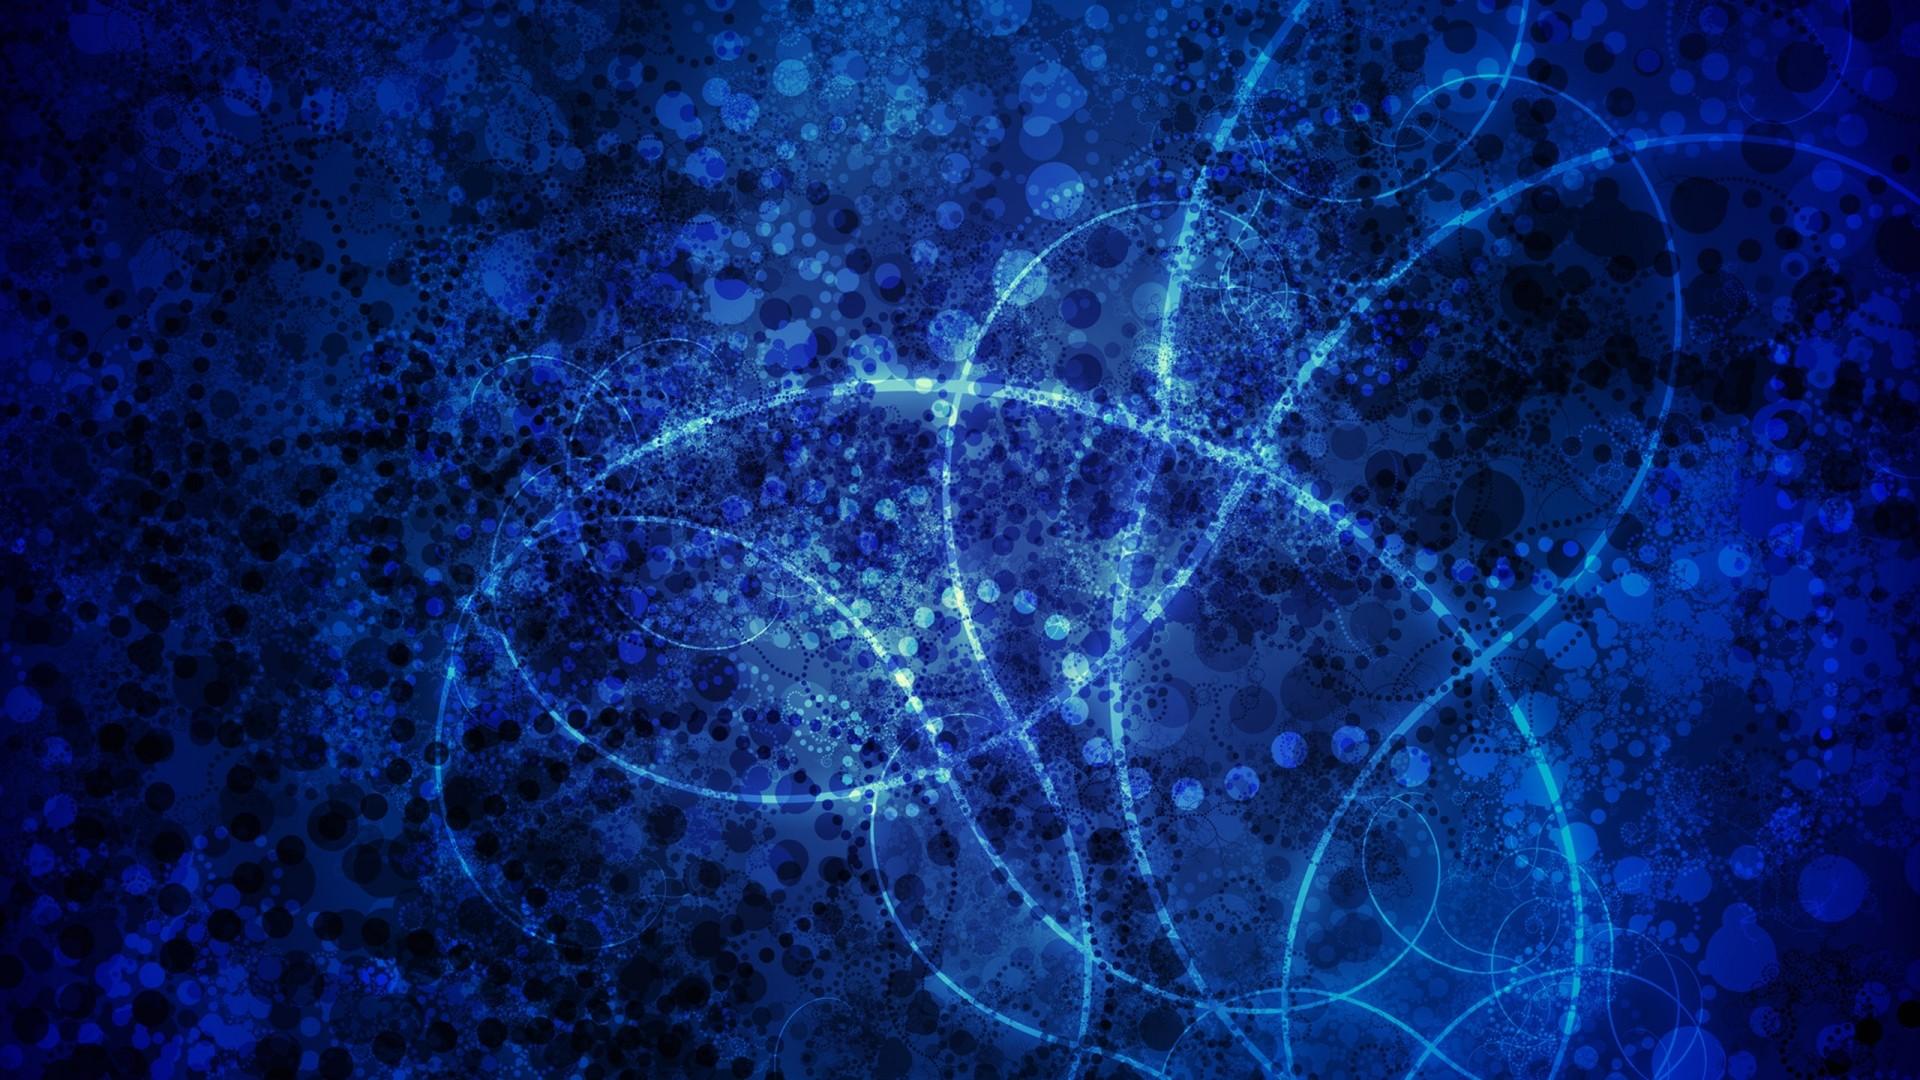 Quantum Physics Wallpaper Hd Quantum physic…